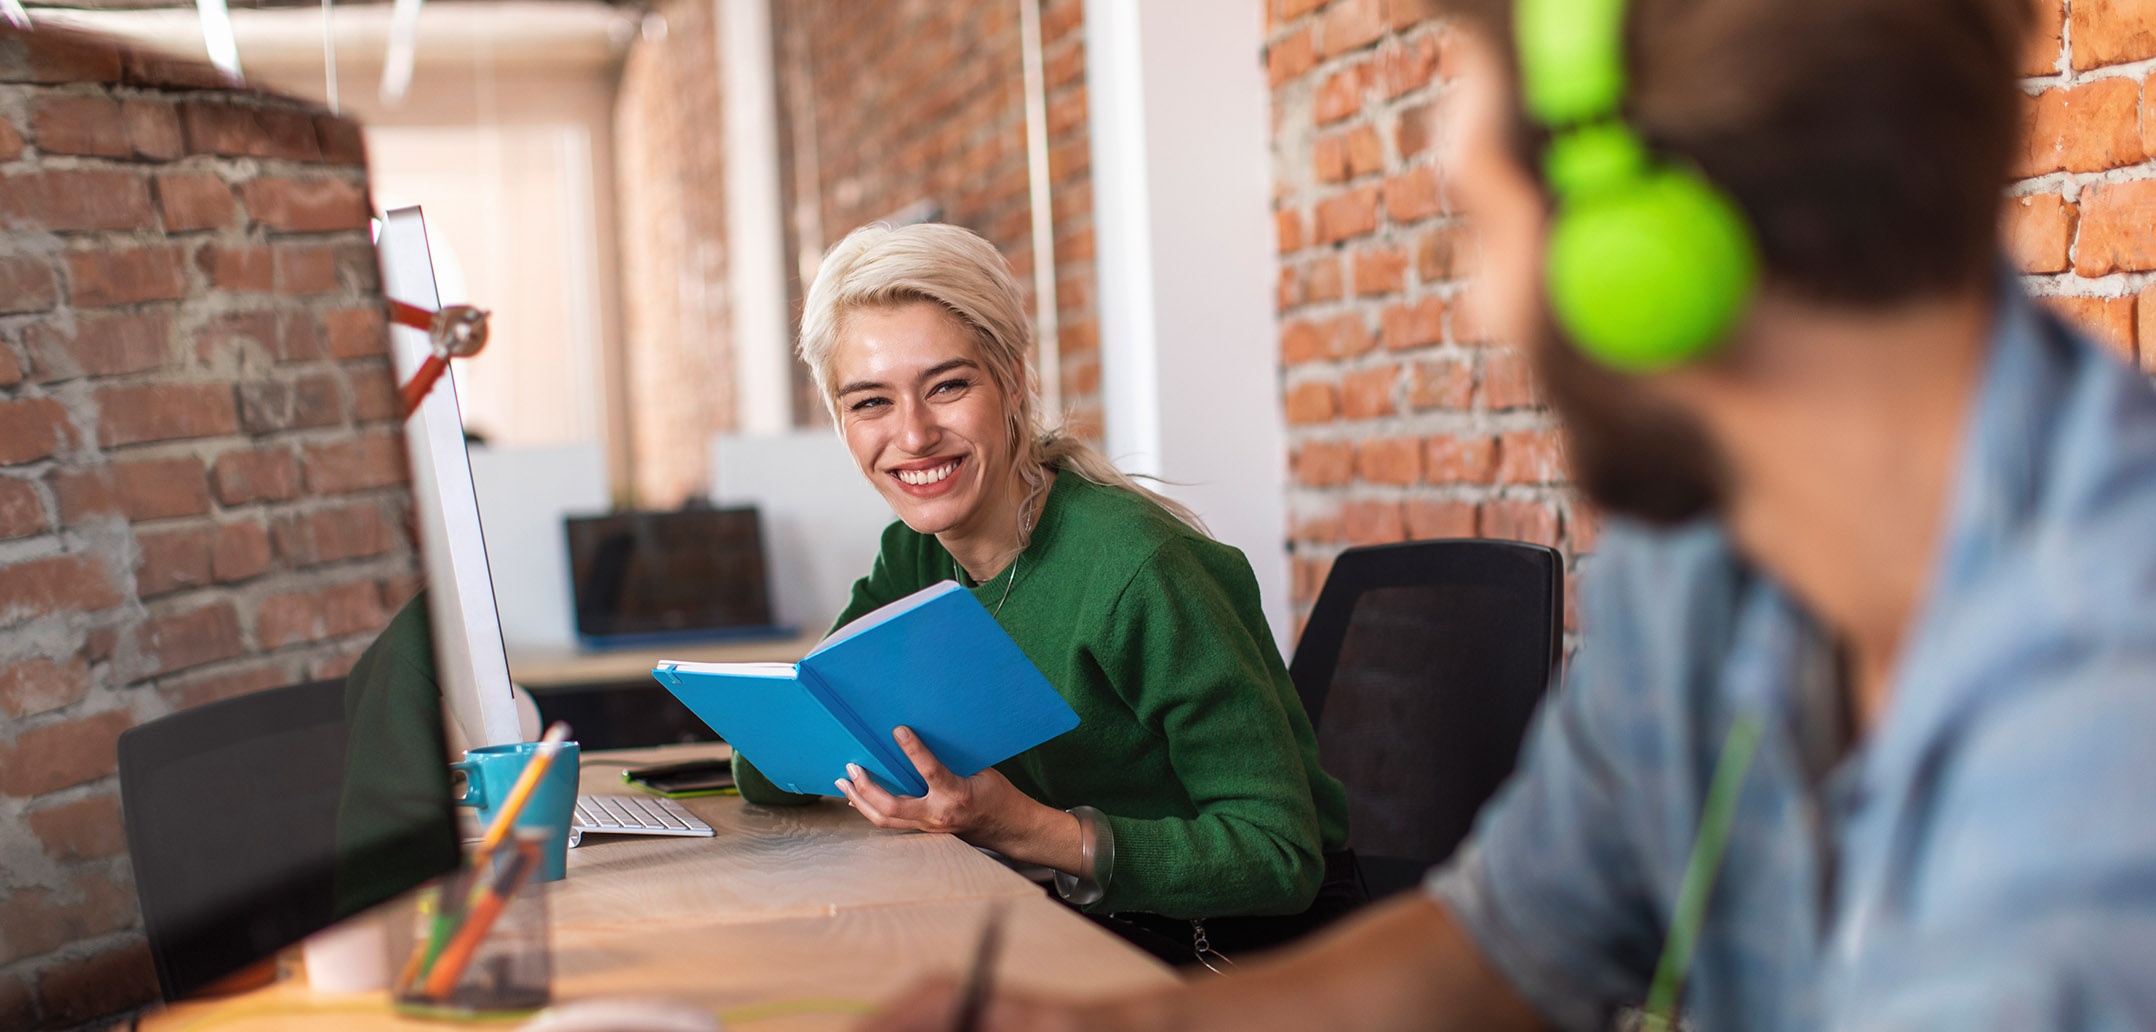 Frau bei der Arbeit lächelt ihren Partner an